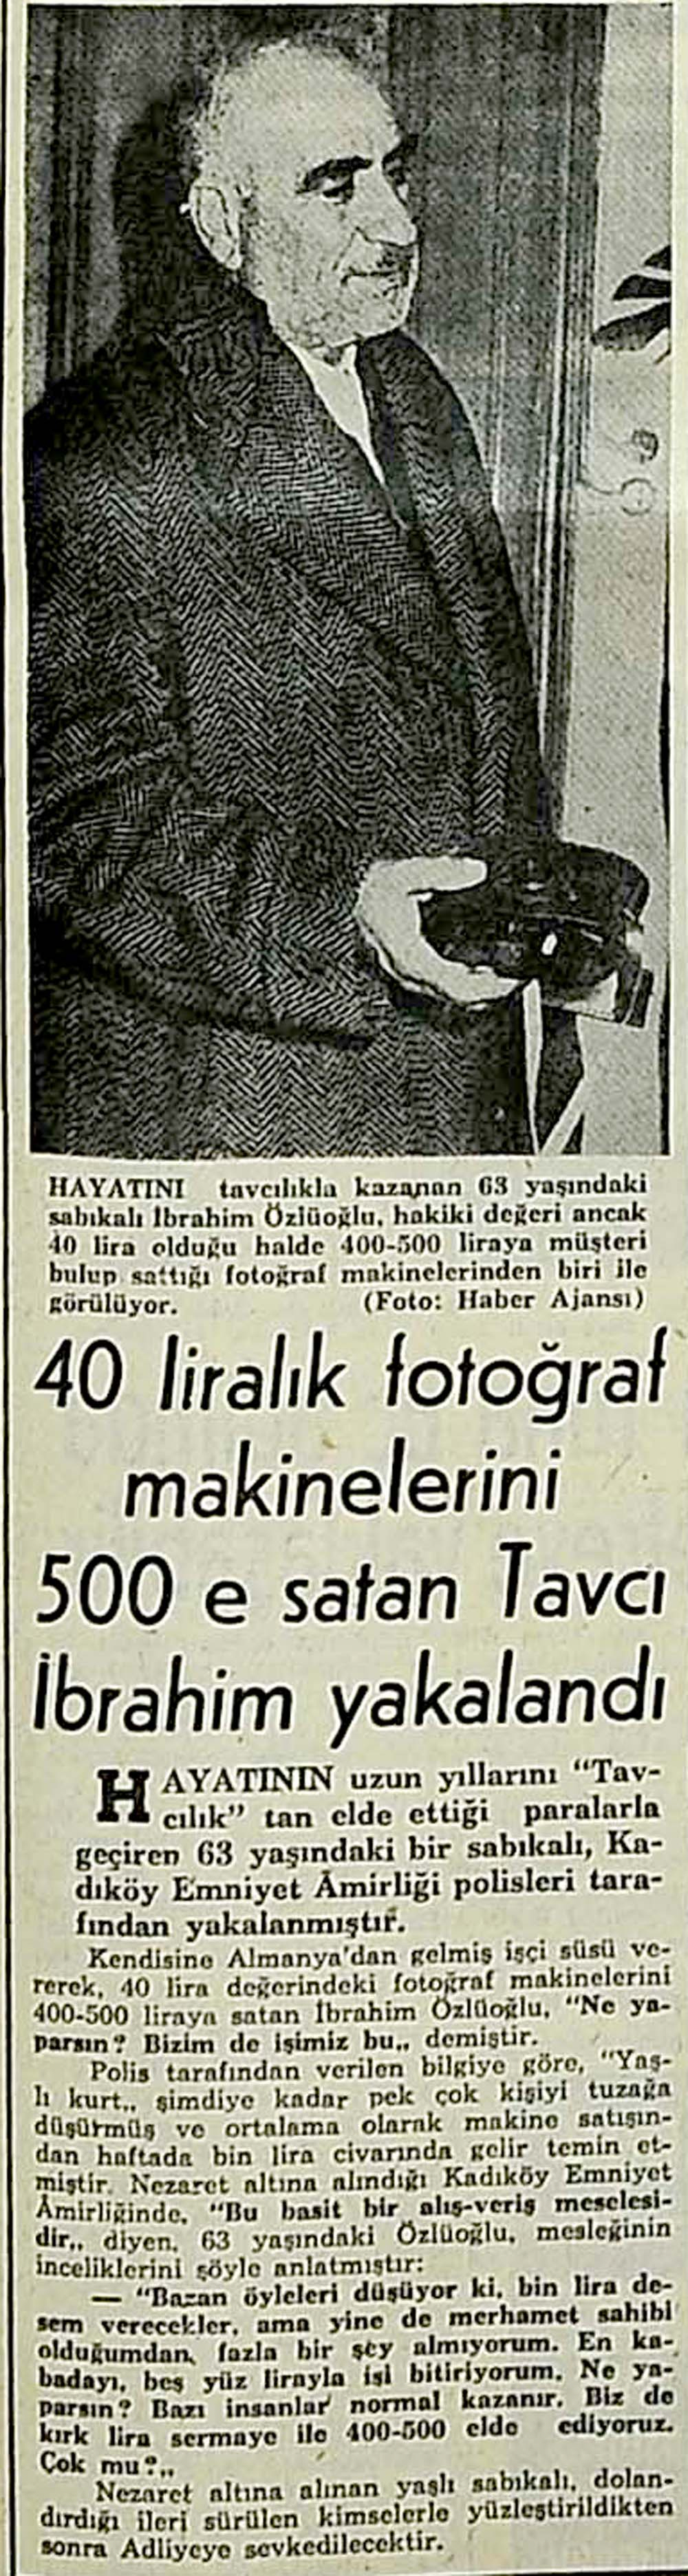 40 liralık fotoğraf makinelerini 500 e satan Tavcı İbrahim yakalandı